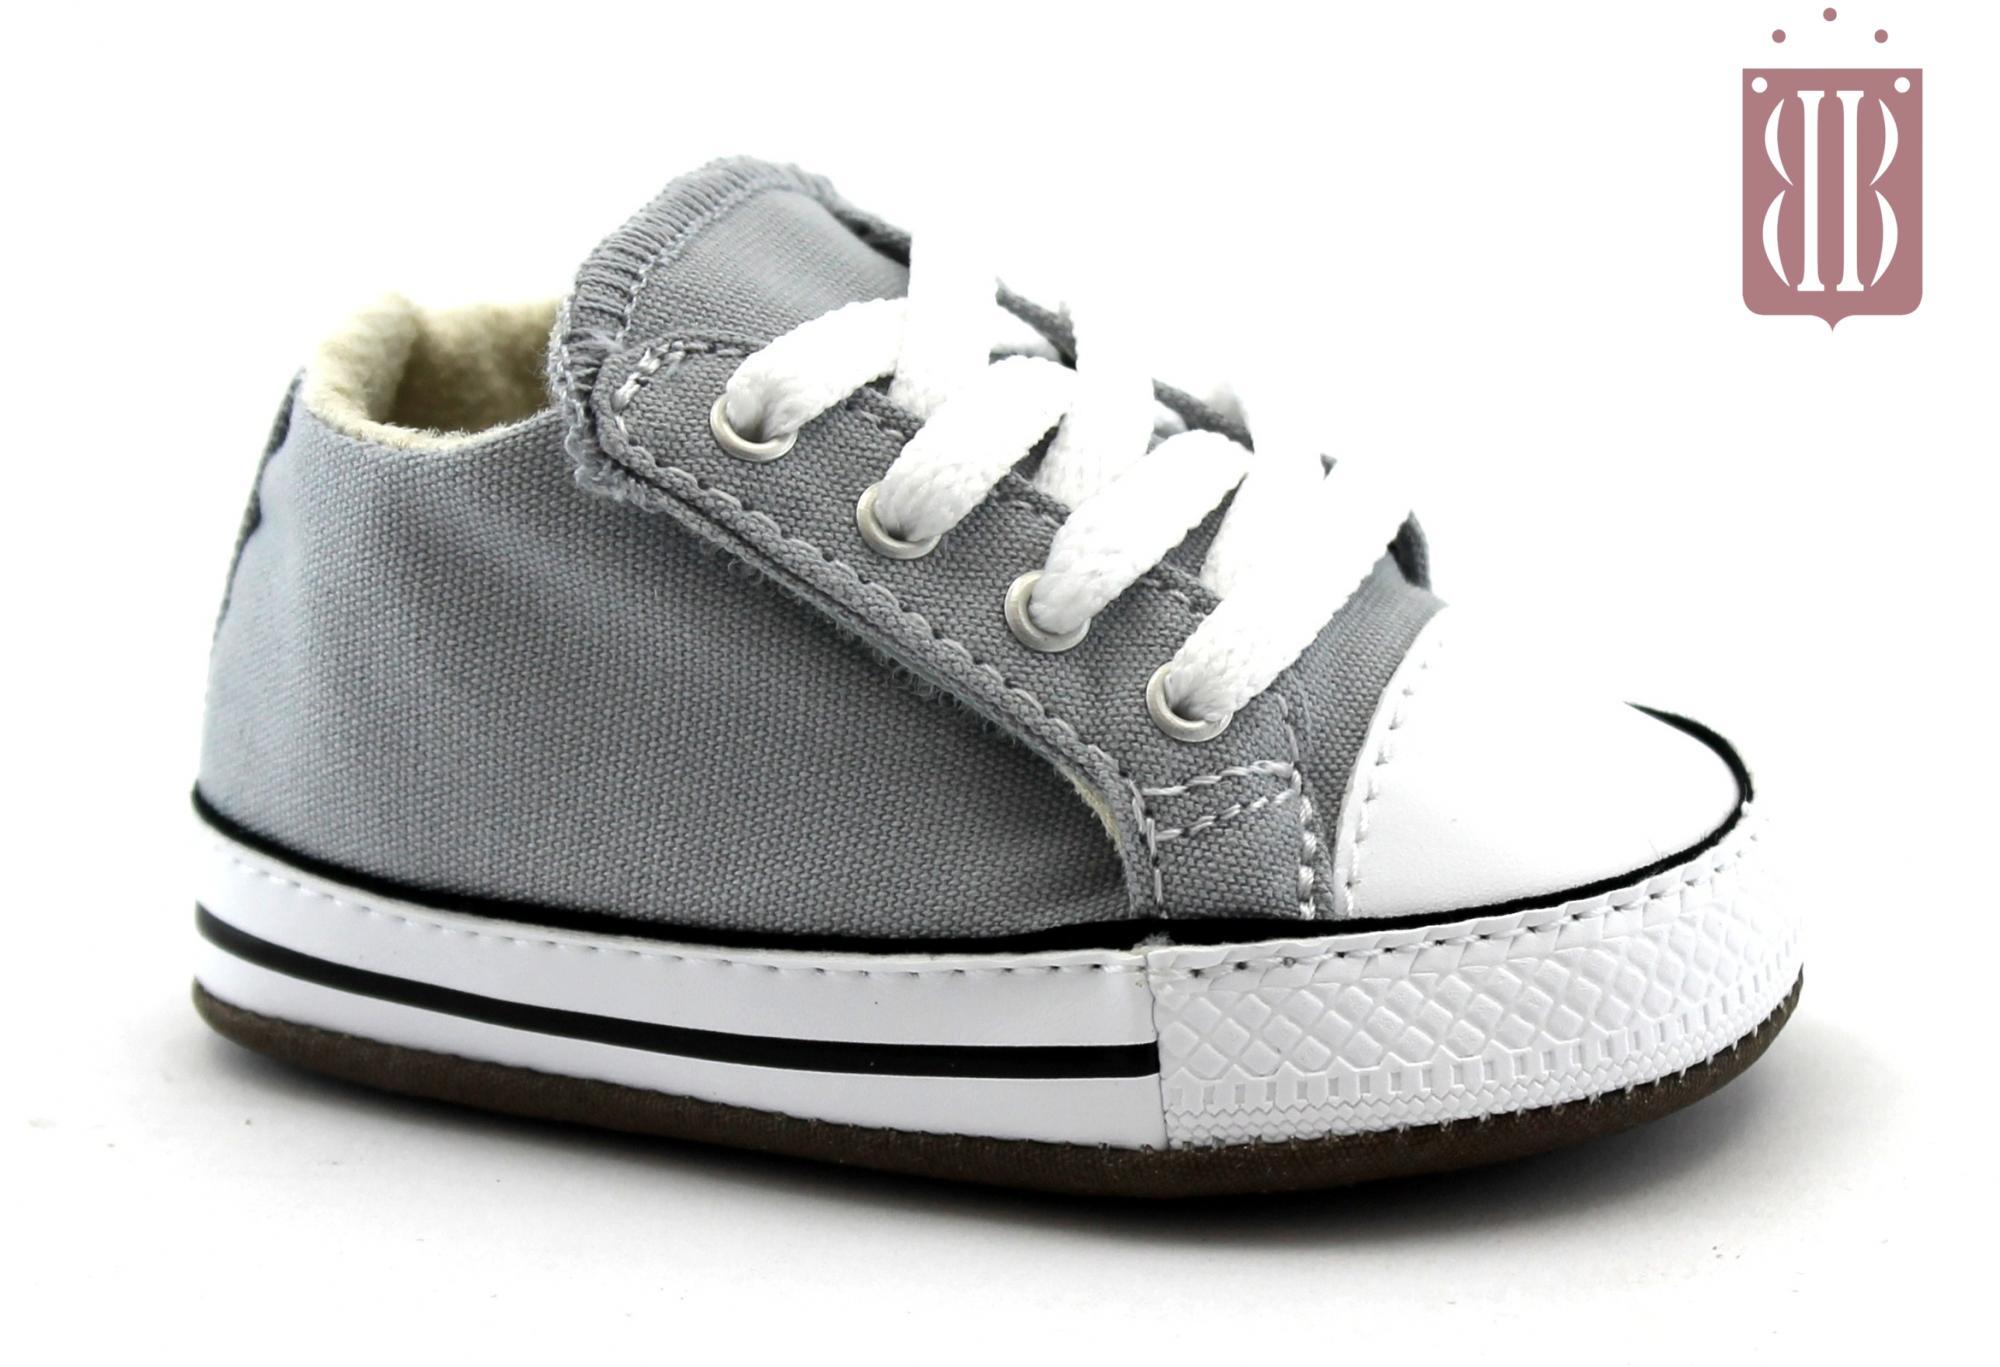 CONVERSE 865159C CHUCK TAYLOR grey grigio scarpe snakers bambino culla all star mid lacci